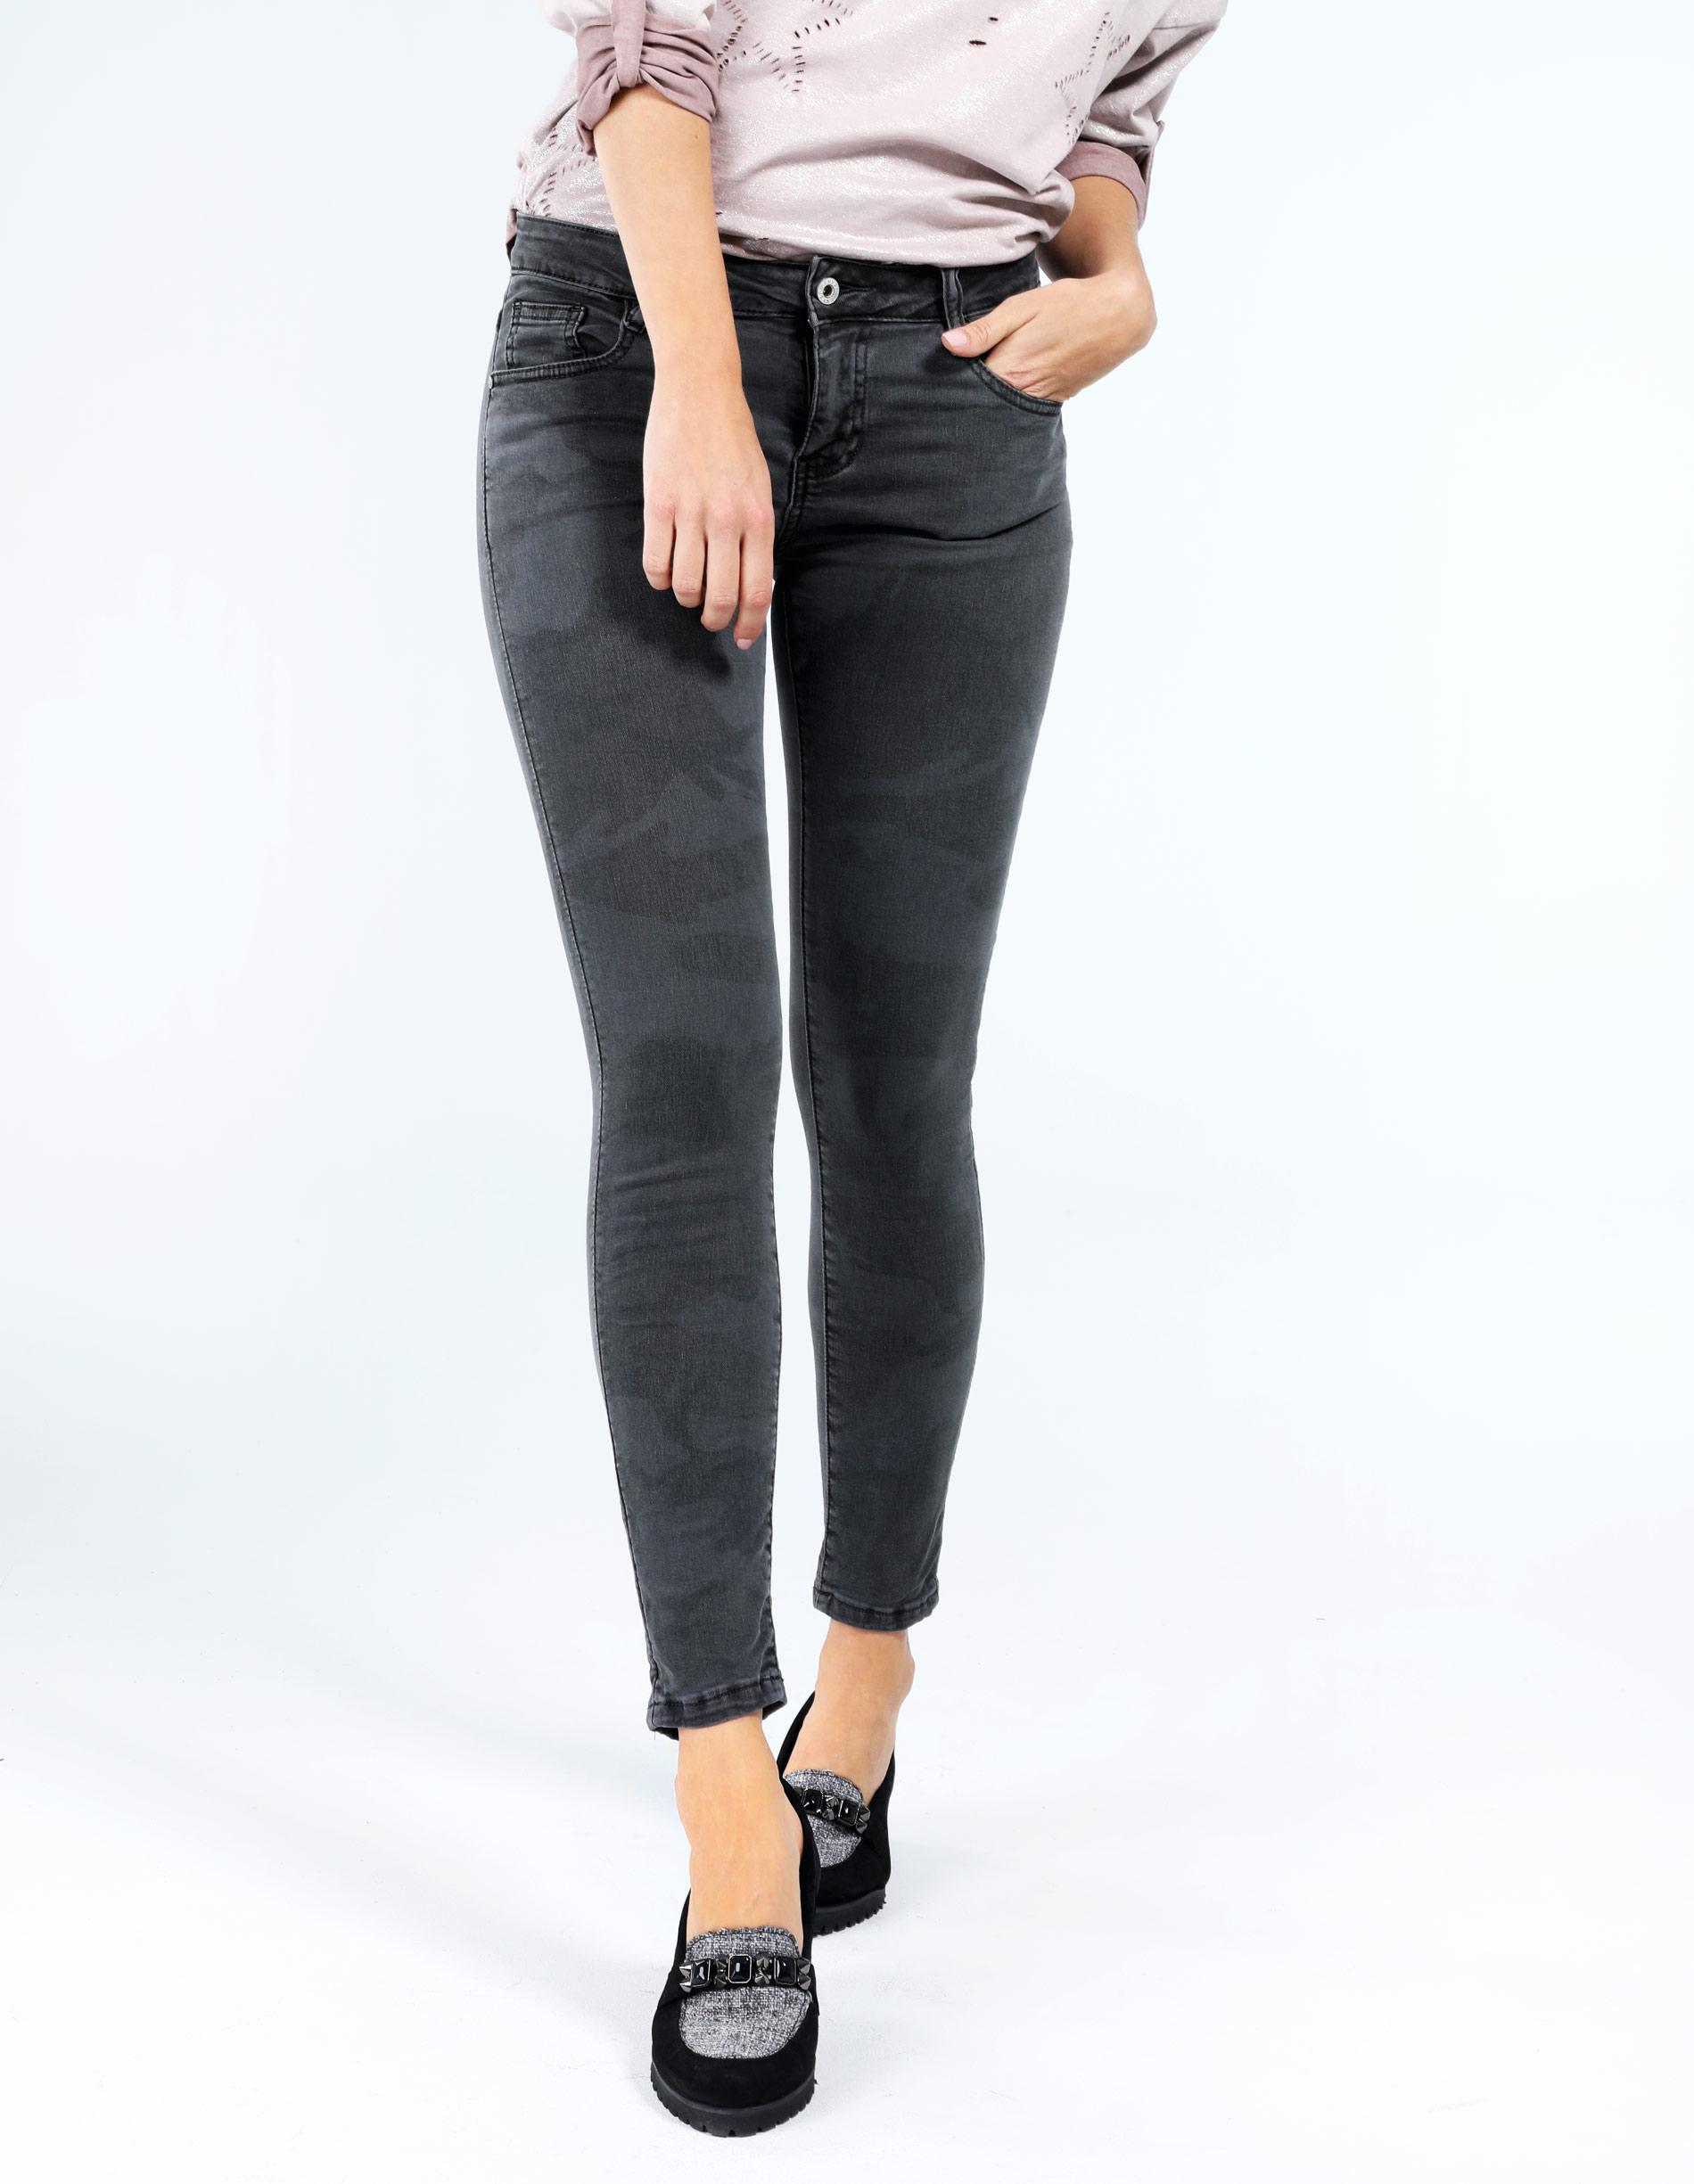 Spodnie - 154-9939 GRIG - Unisono